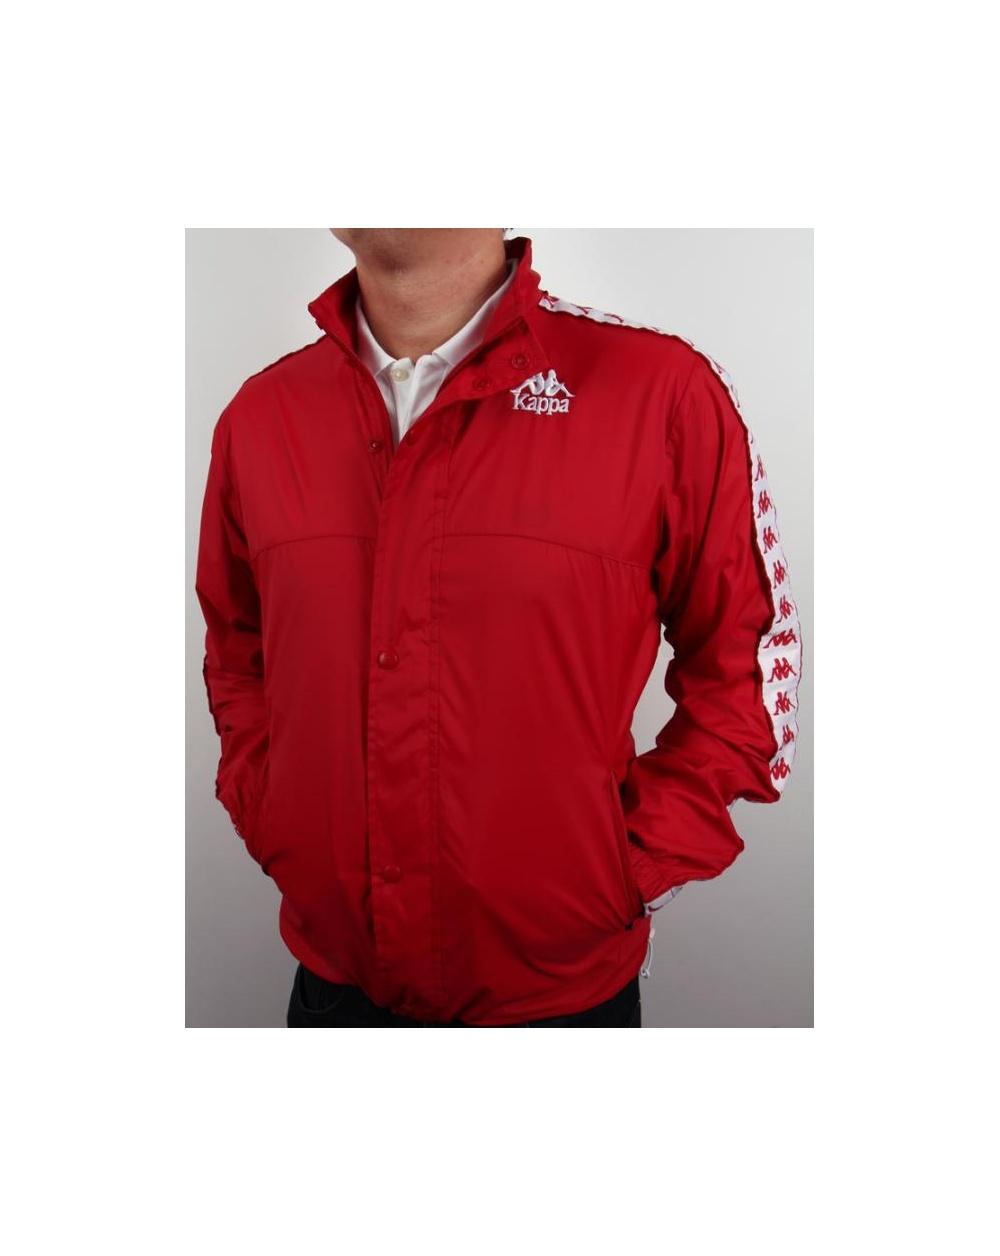 Robe Di Kappa Og Cagoule 84 Red - kappa cagoule jacket